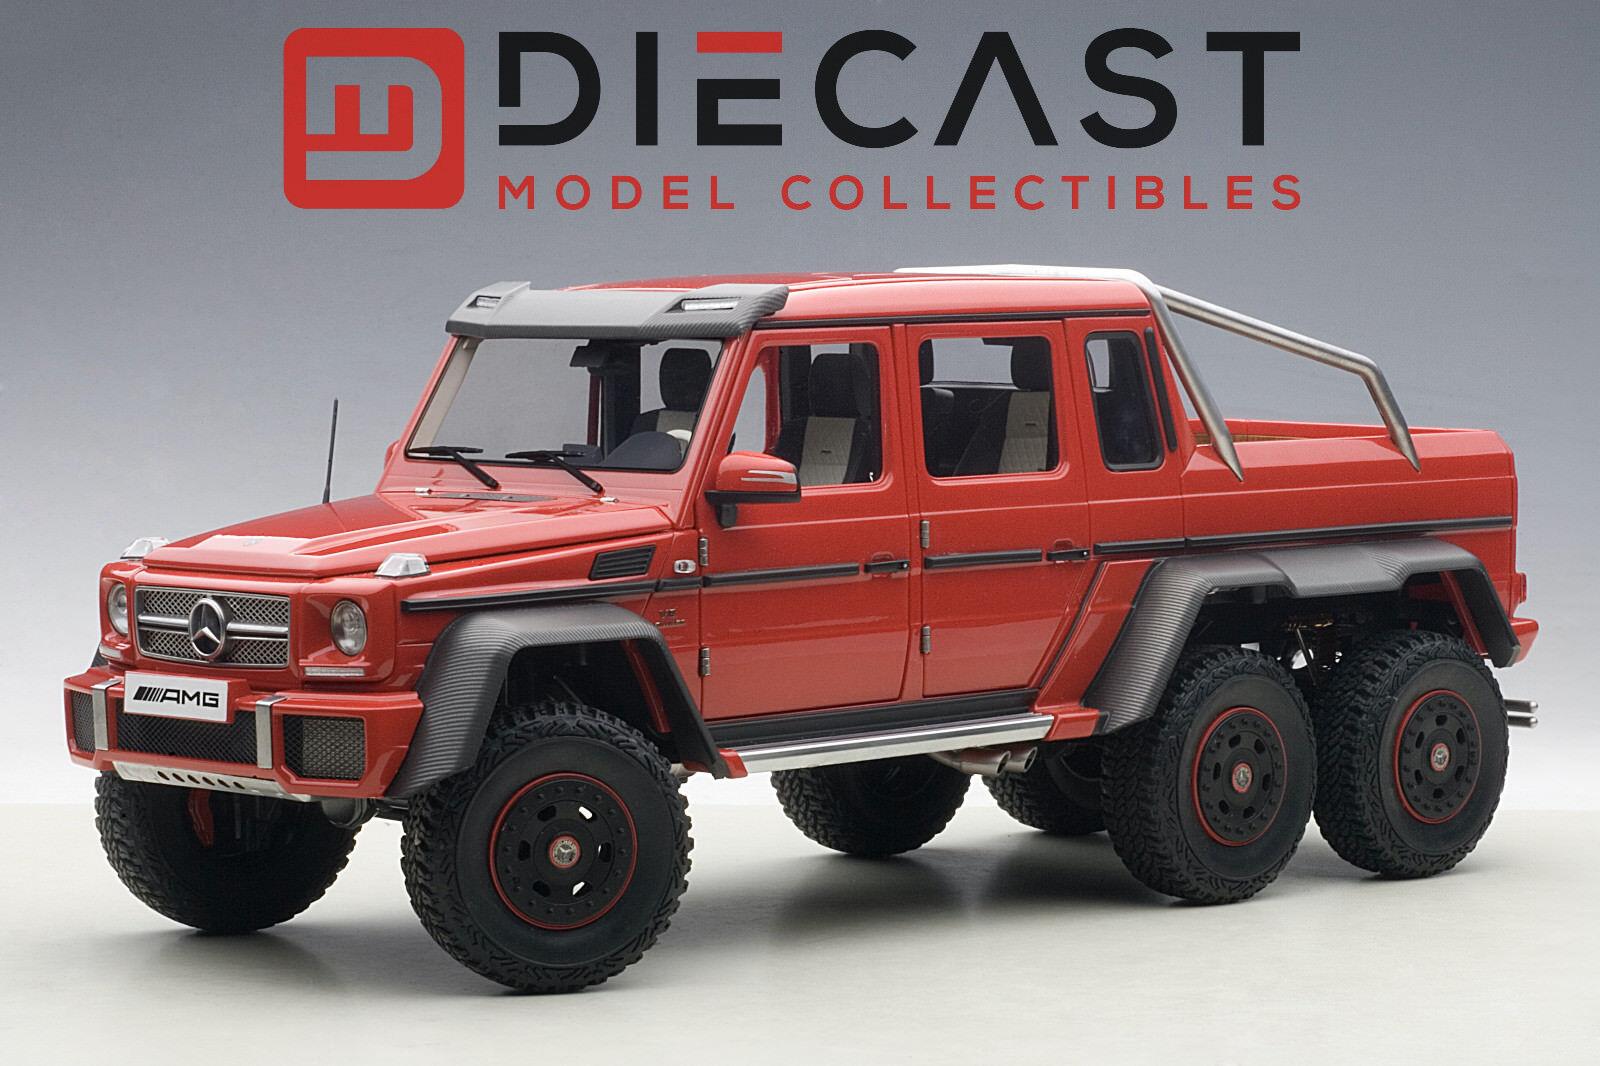 vendita scontata online di factory outlet AUTOart 76304 Mercedes Benz G63 AMG 6X6, 6X6, 6X6, rosso 1 18TH Scale  Sconto del 40%